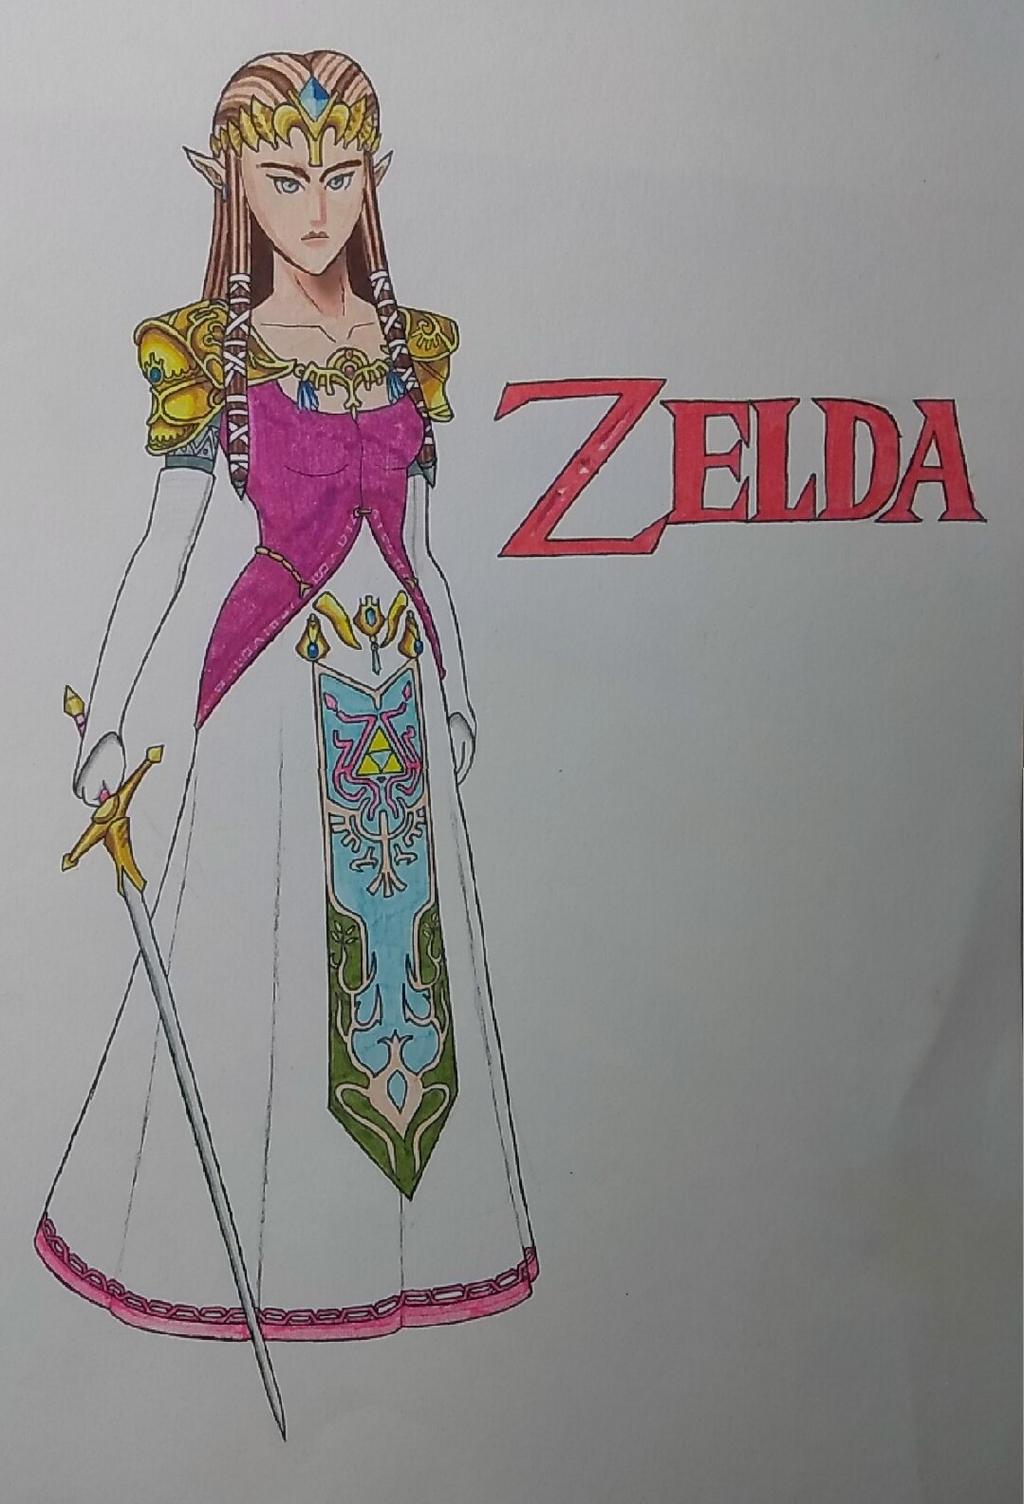 Zelda by ShadowDragon6114